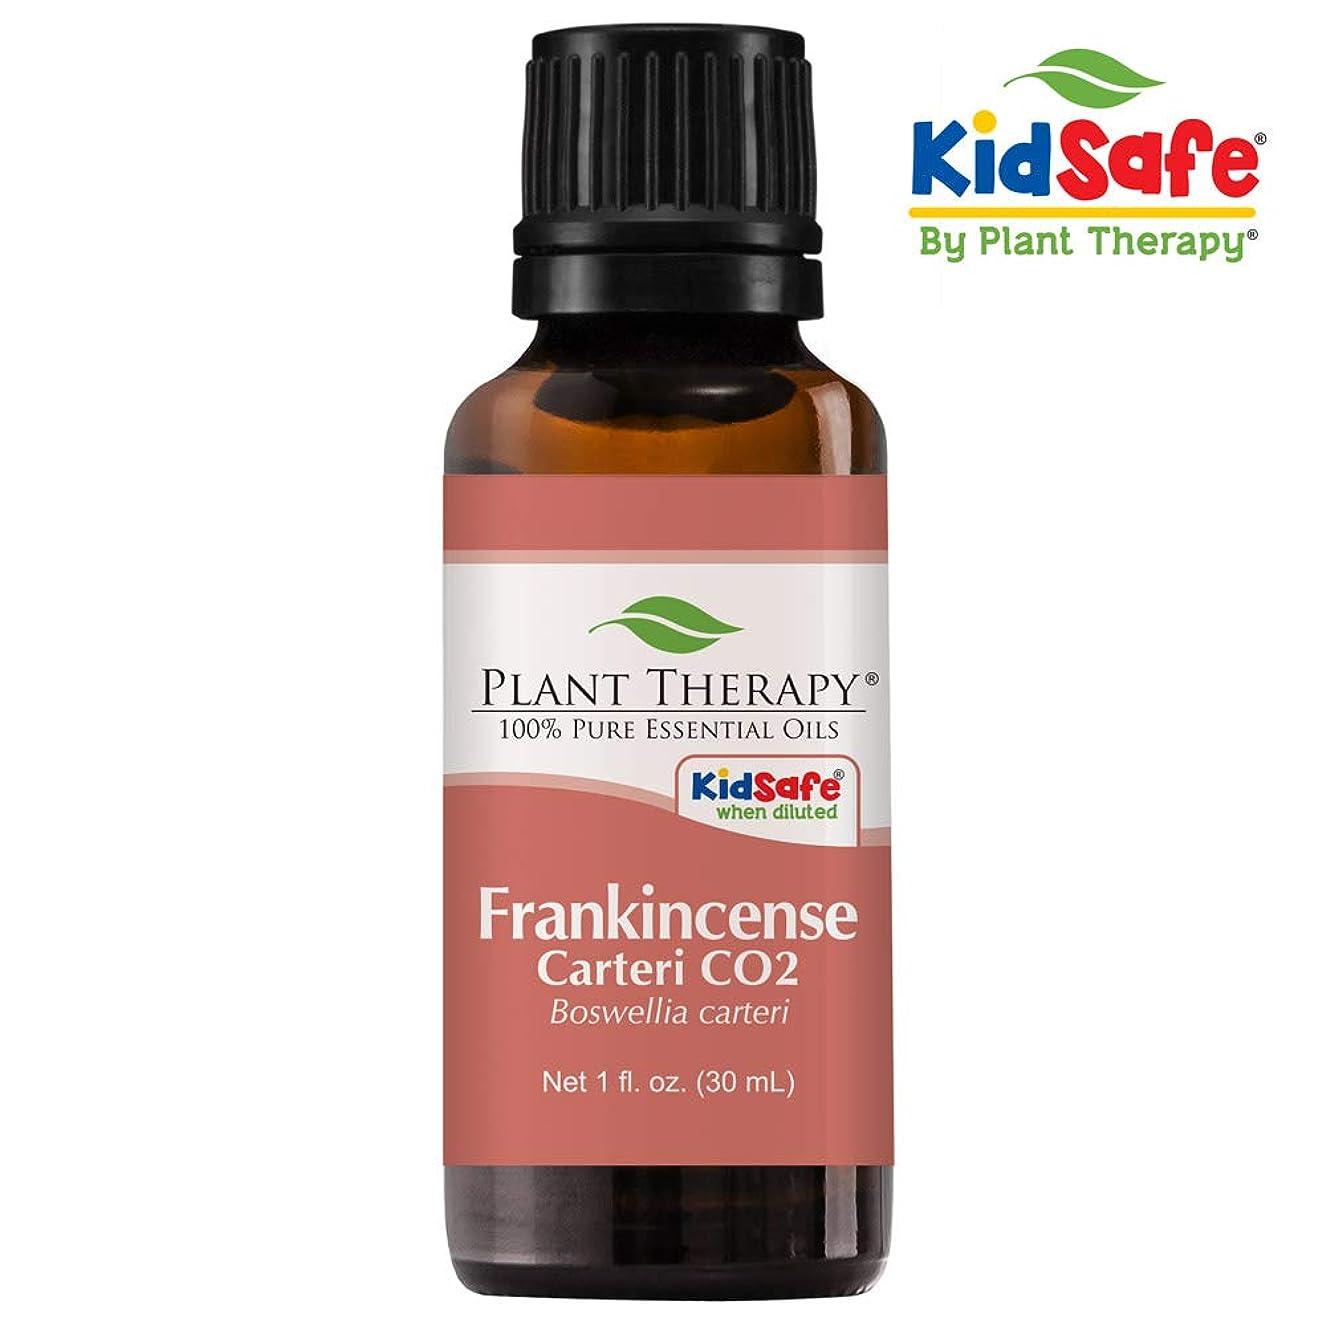 コンペ確認してください方法フランキンセンスCarteri CO2 30 mLのエッセンシャルオイル100%ピュア、治療グレード